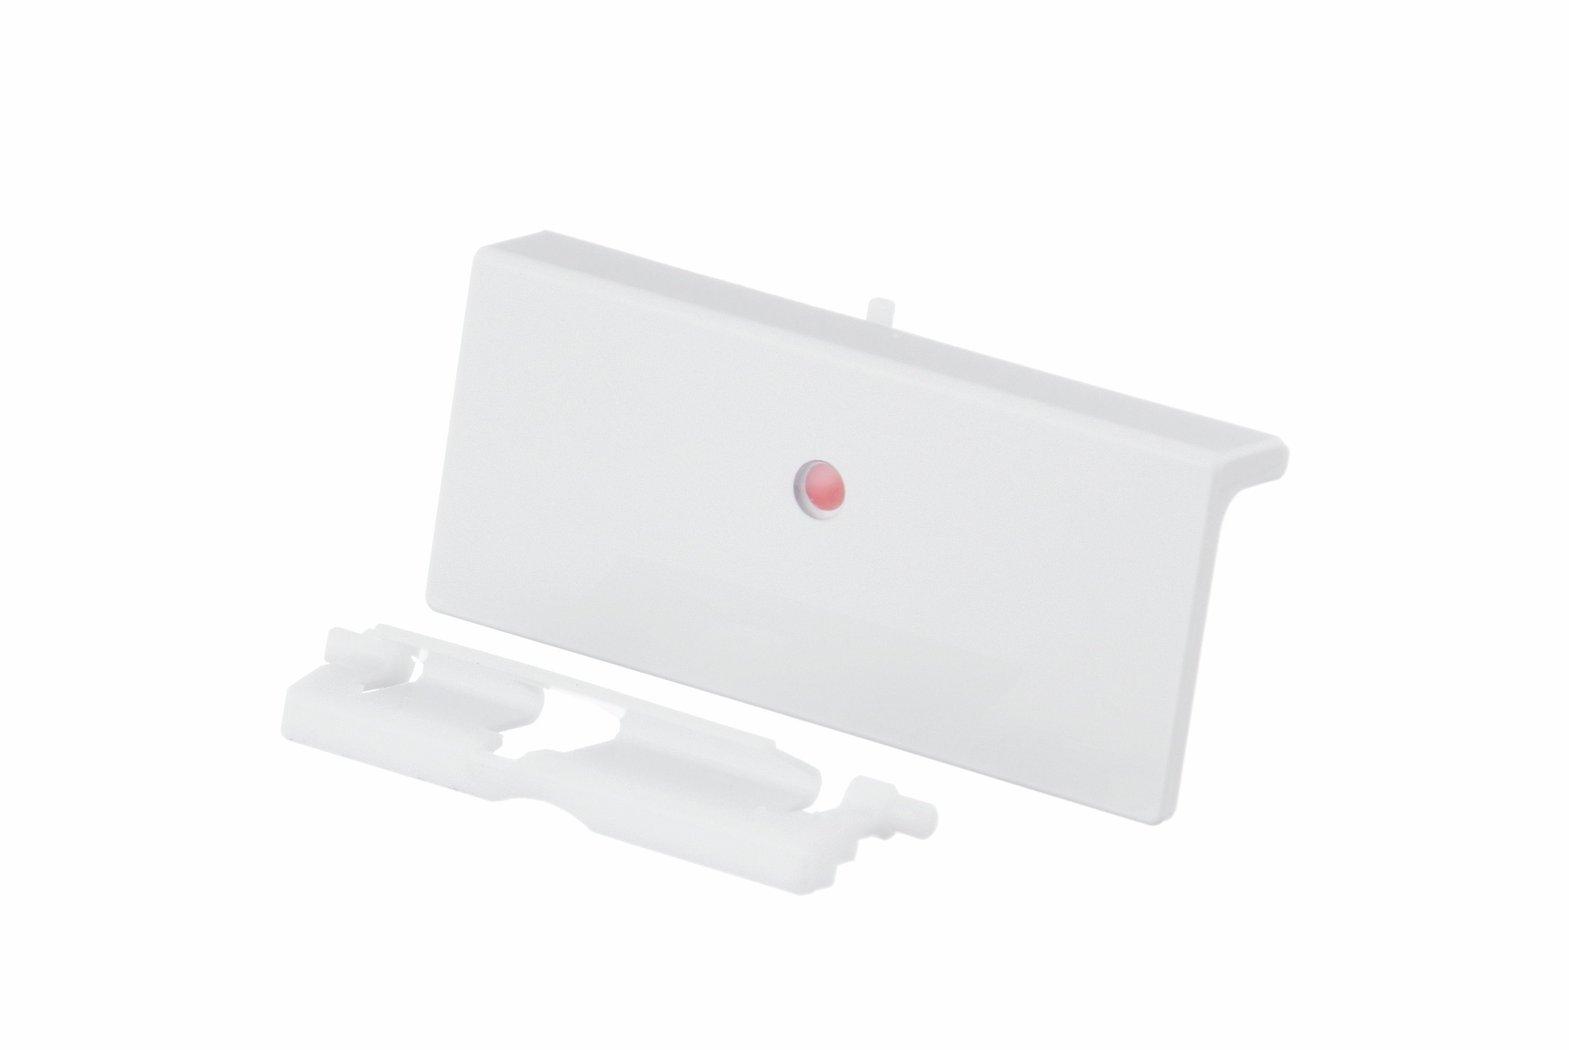 Aeg Santo Kühlschrank Ohne Gefrierfach Bedienungsanleitung : Verschluss gefrierfachklappe kühlschrank aeg santo